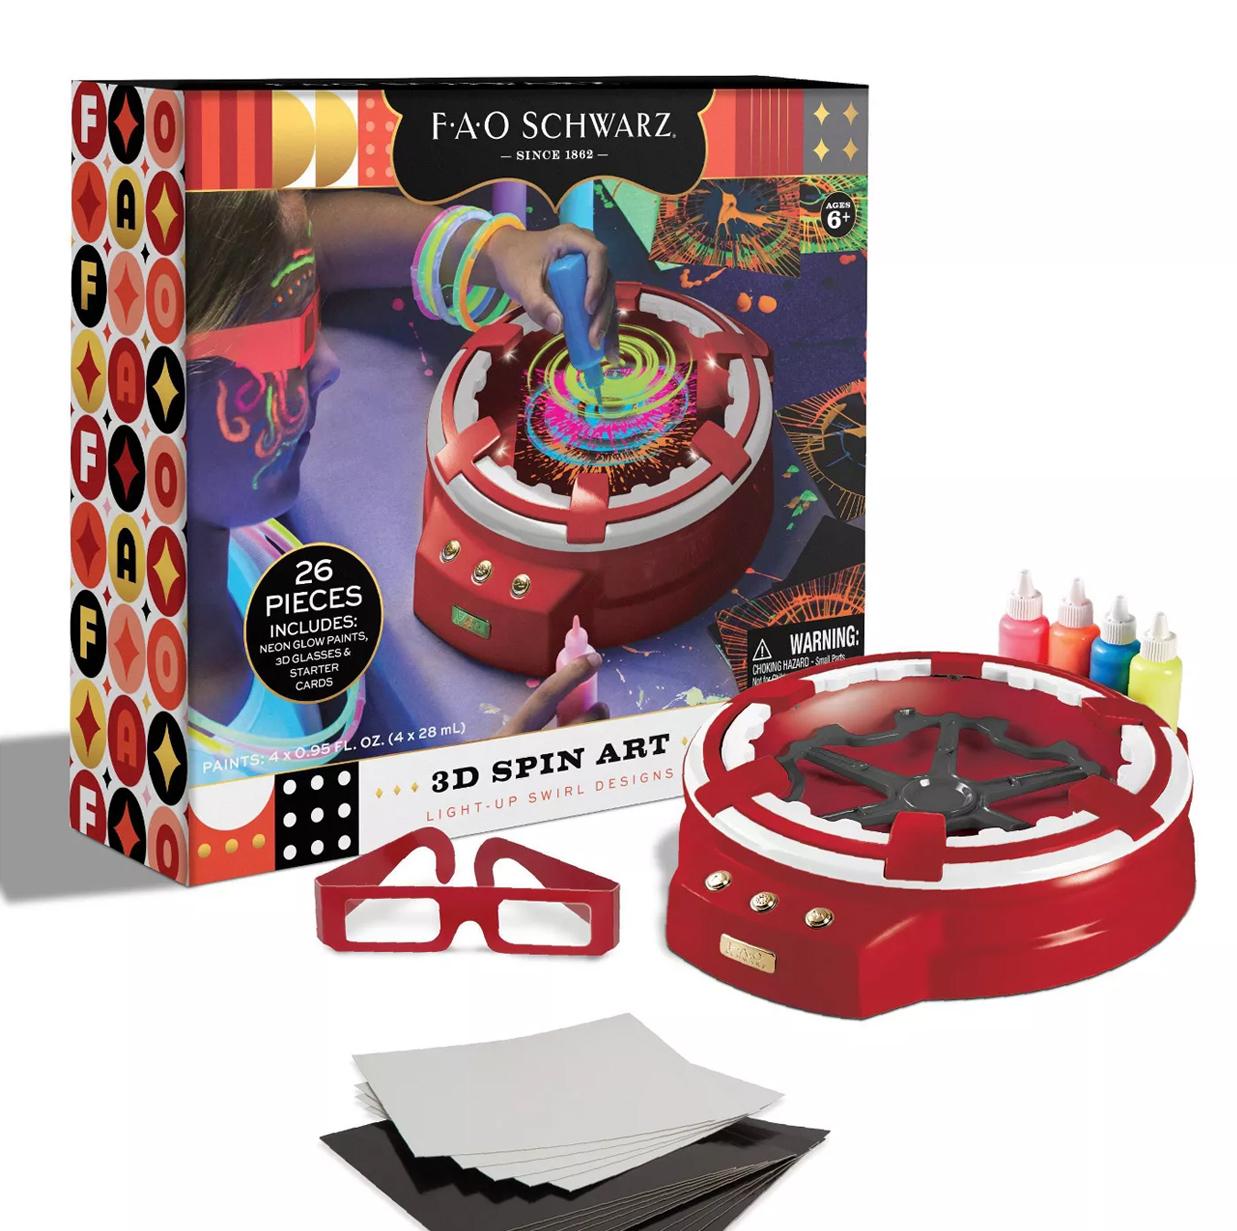 3D Spin Art Kit